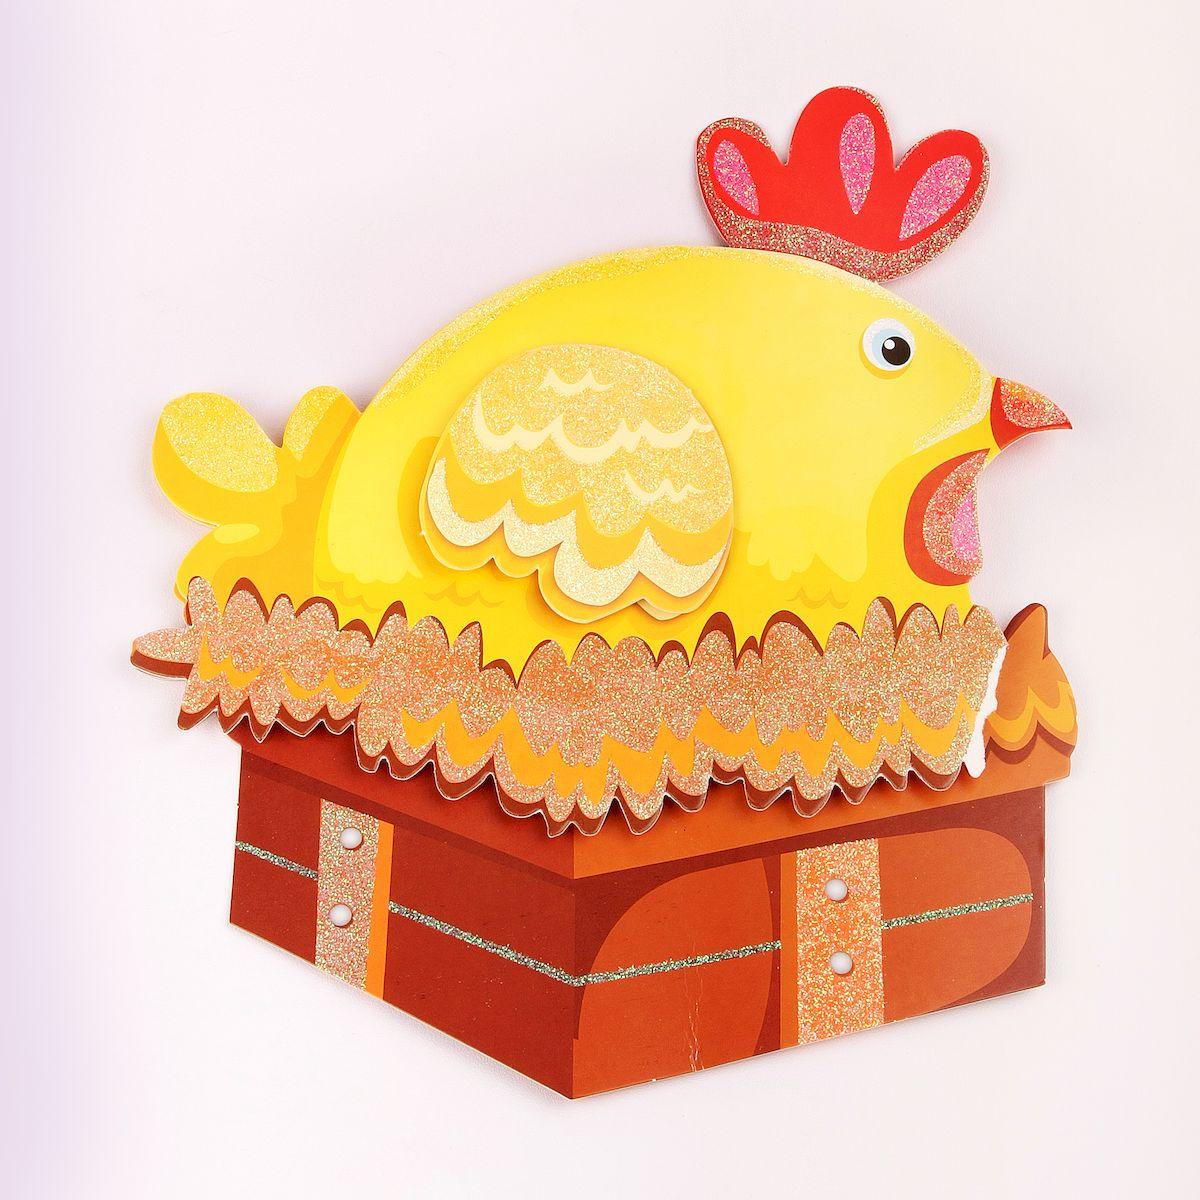 Наклейка декоративная Magic Home Курочка, 35,5 х 25 смED602Яркая, забавная наклейка украсит не только детскую комнату, но и станет отличным дополнением к любому подарку. Наклейку можно использовать как украшение стен и, например, фасадов шкафов и различных ящиков.